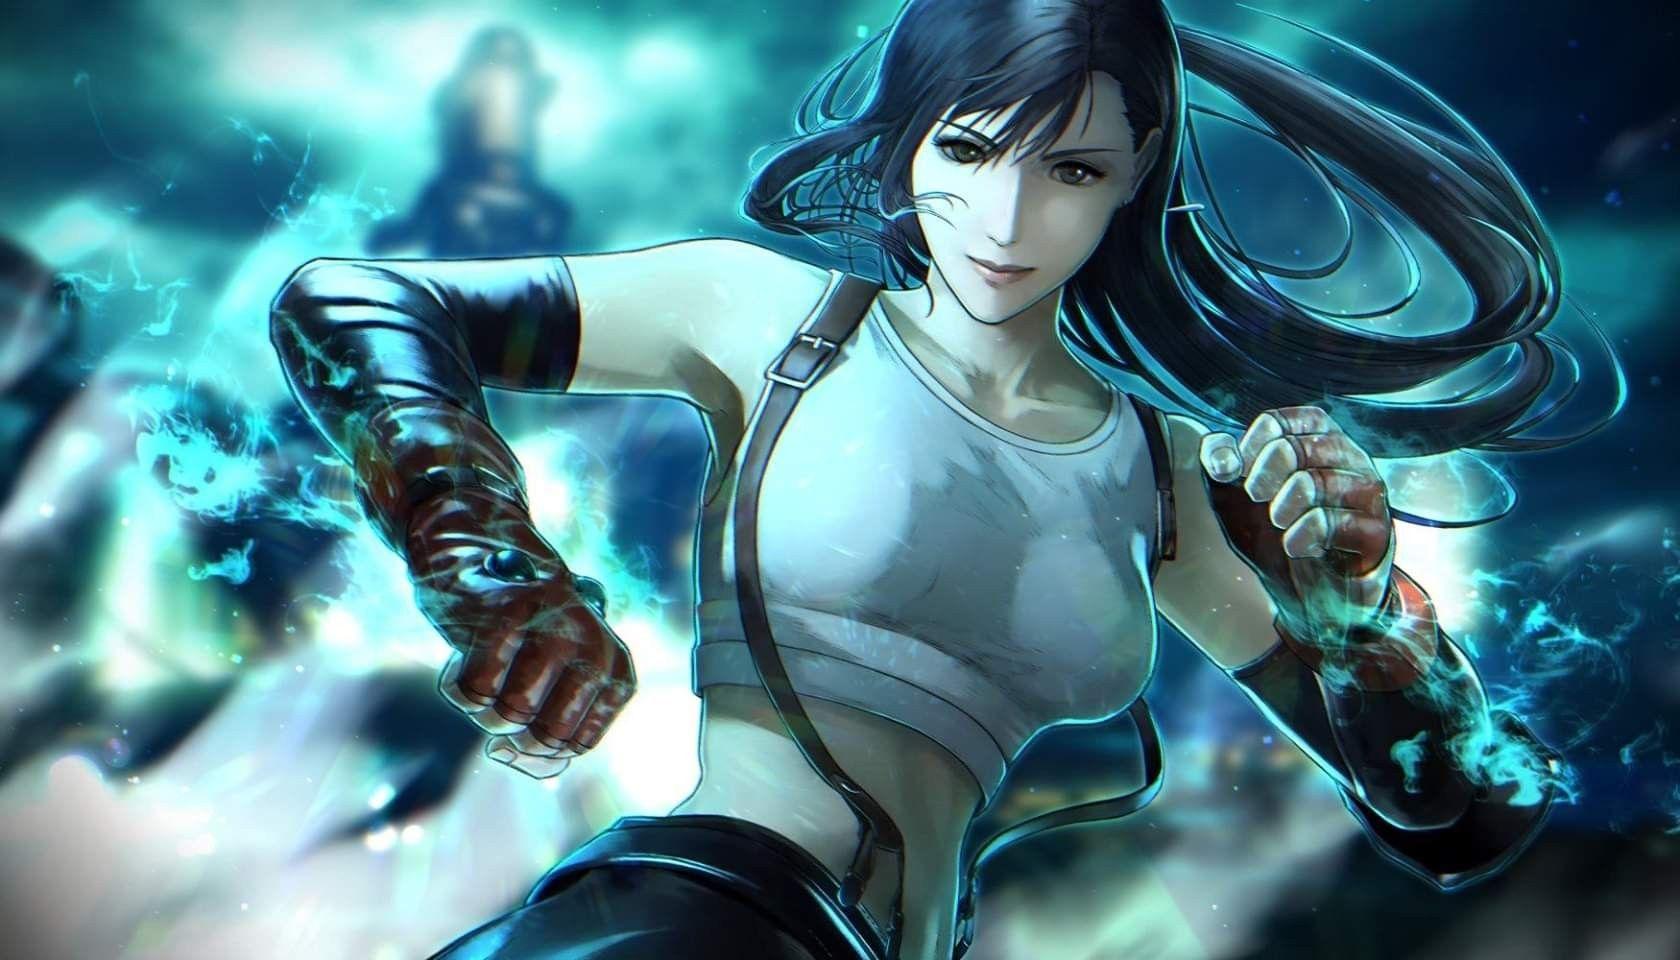 Final Fantasy image by Irvan Oliver Final fantasy art